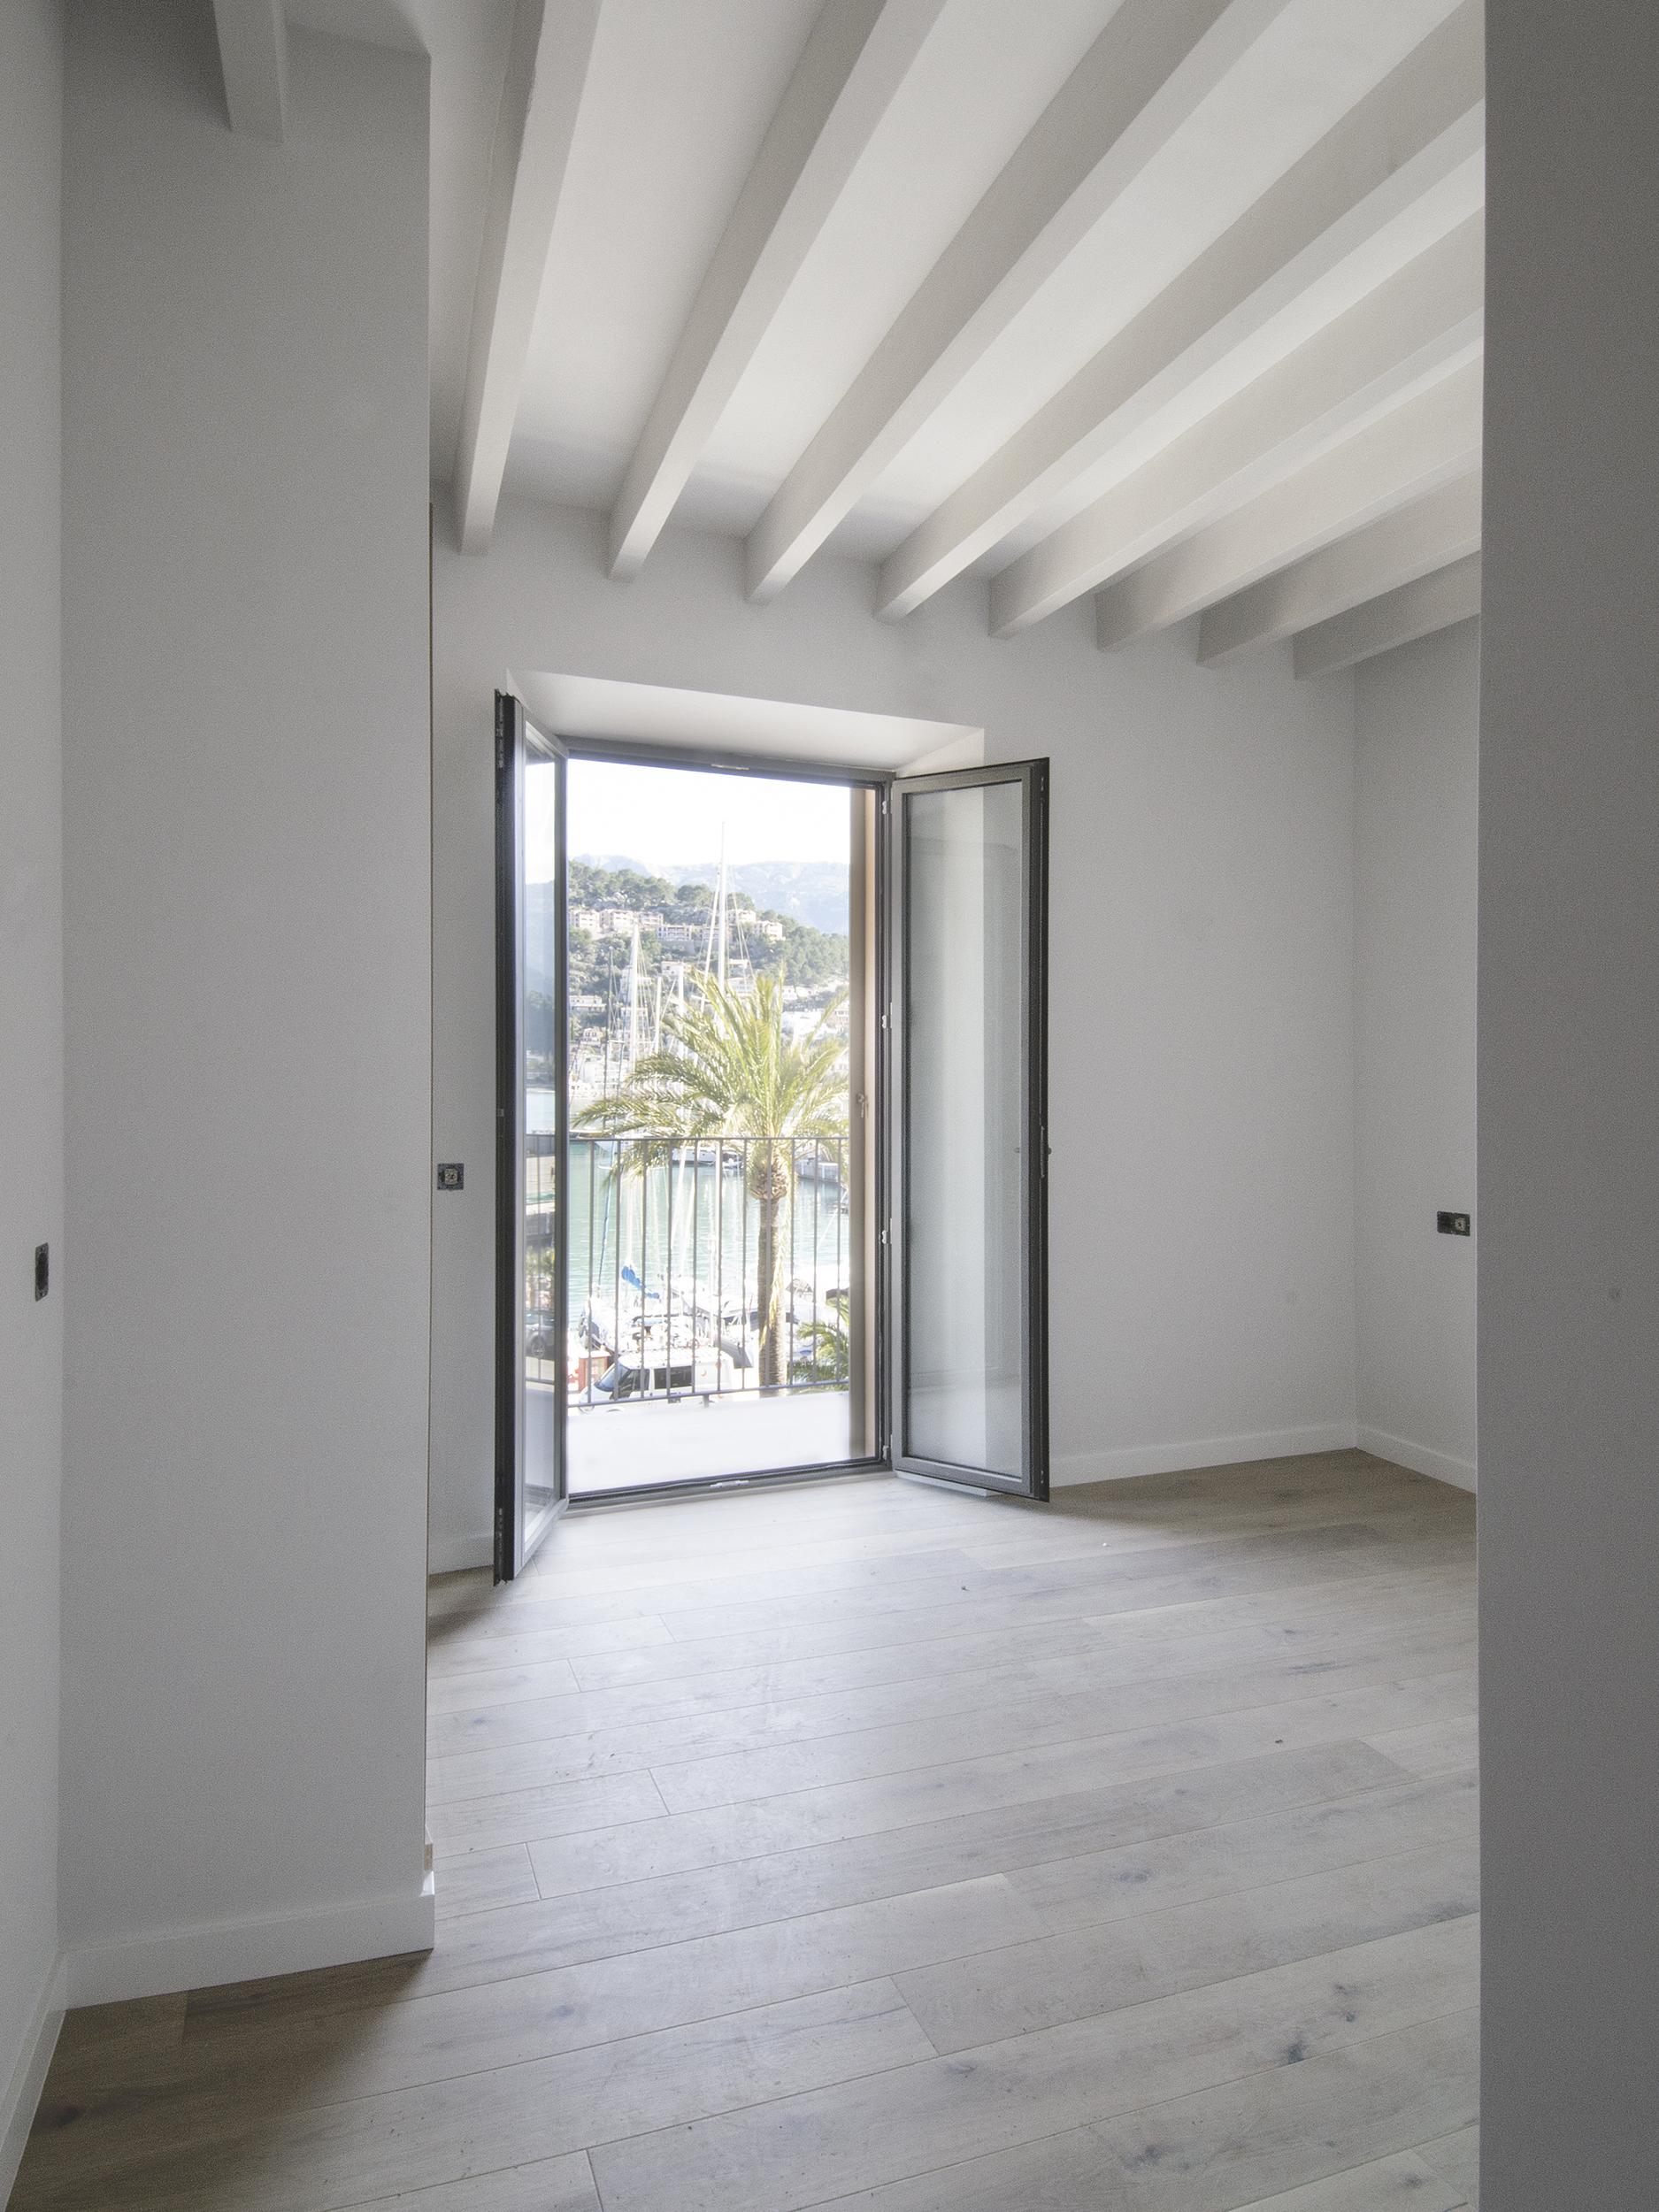 AS_INT_L_room 1st floor_3x4_2500px_72DPI.jpg